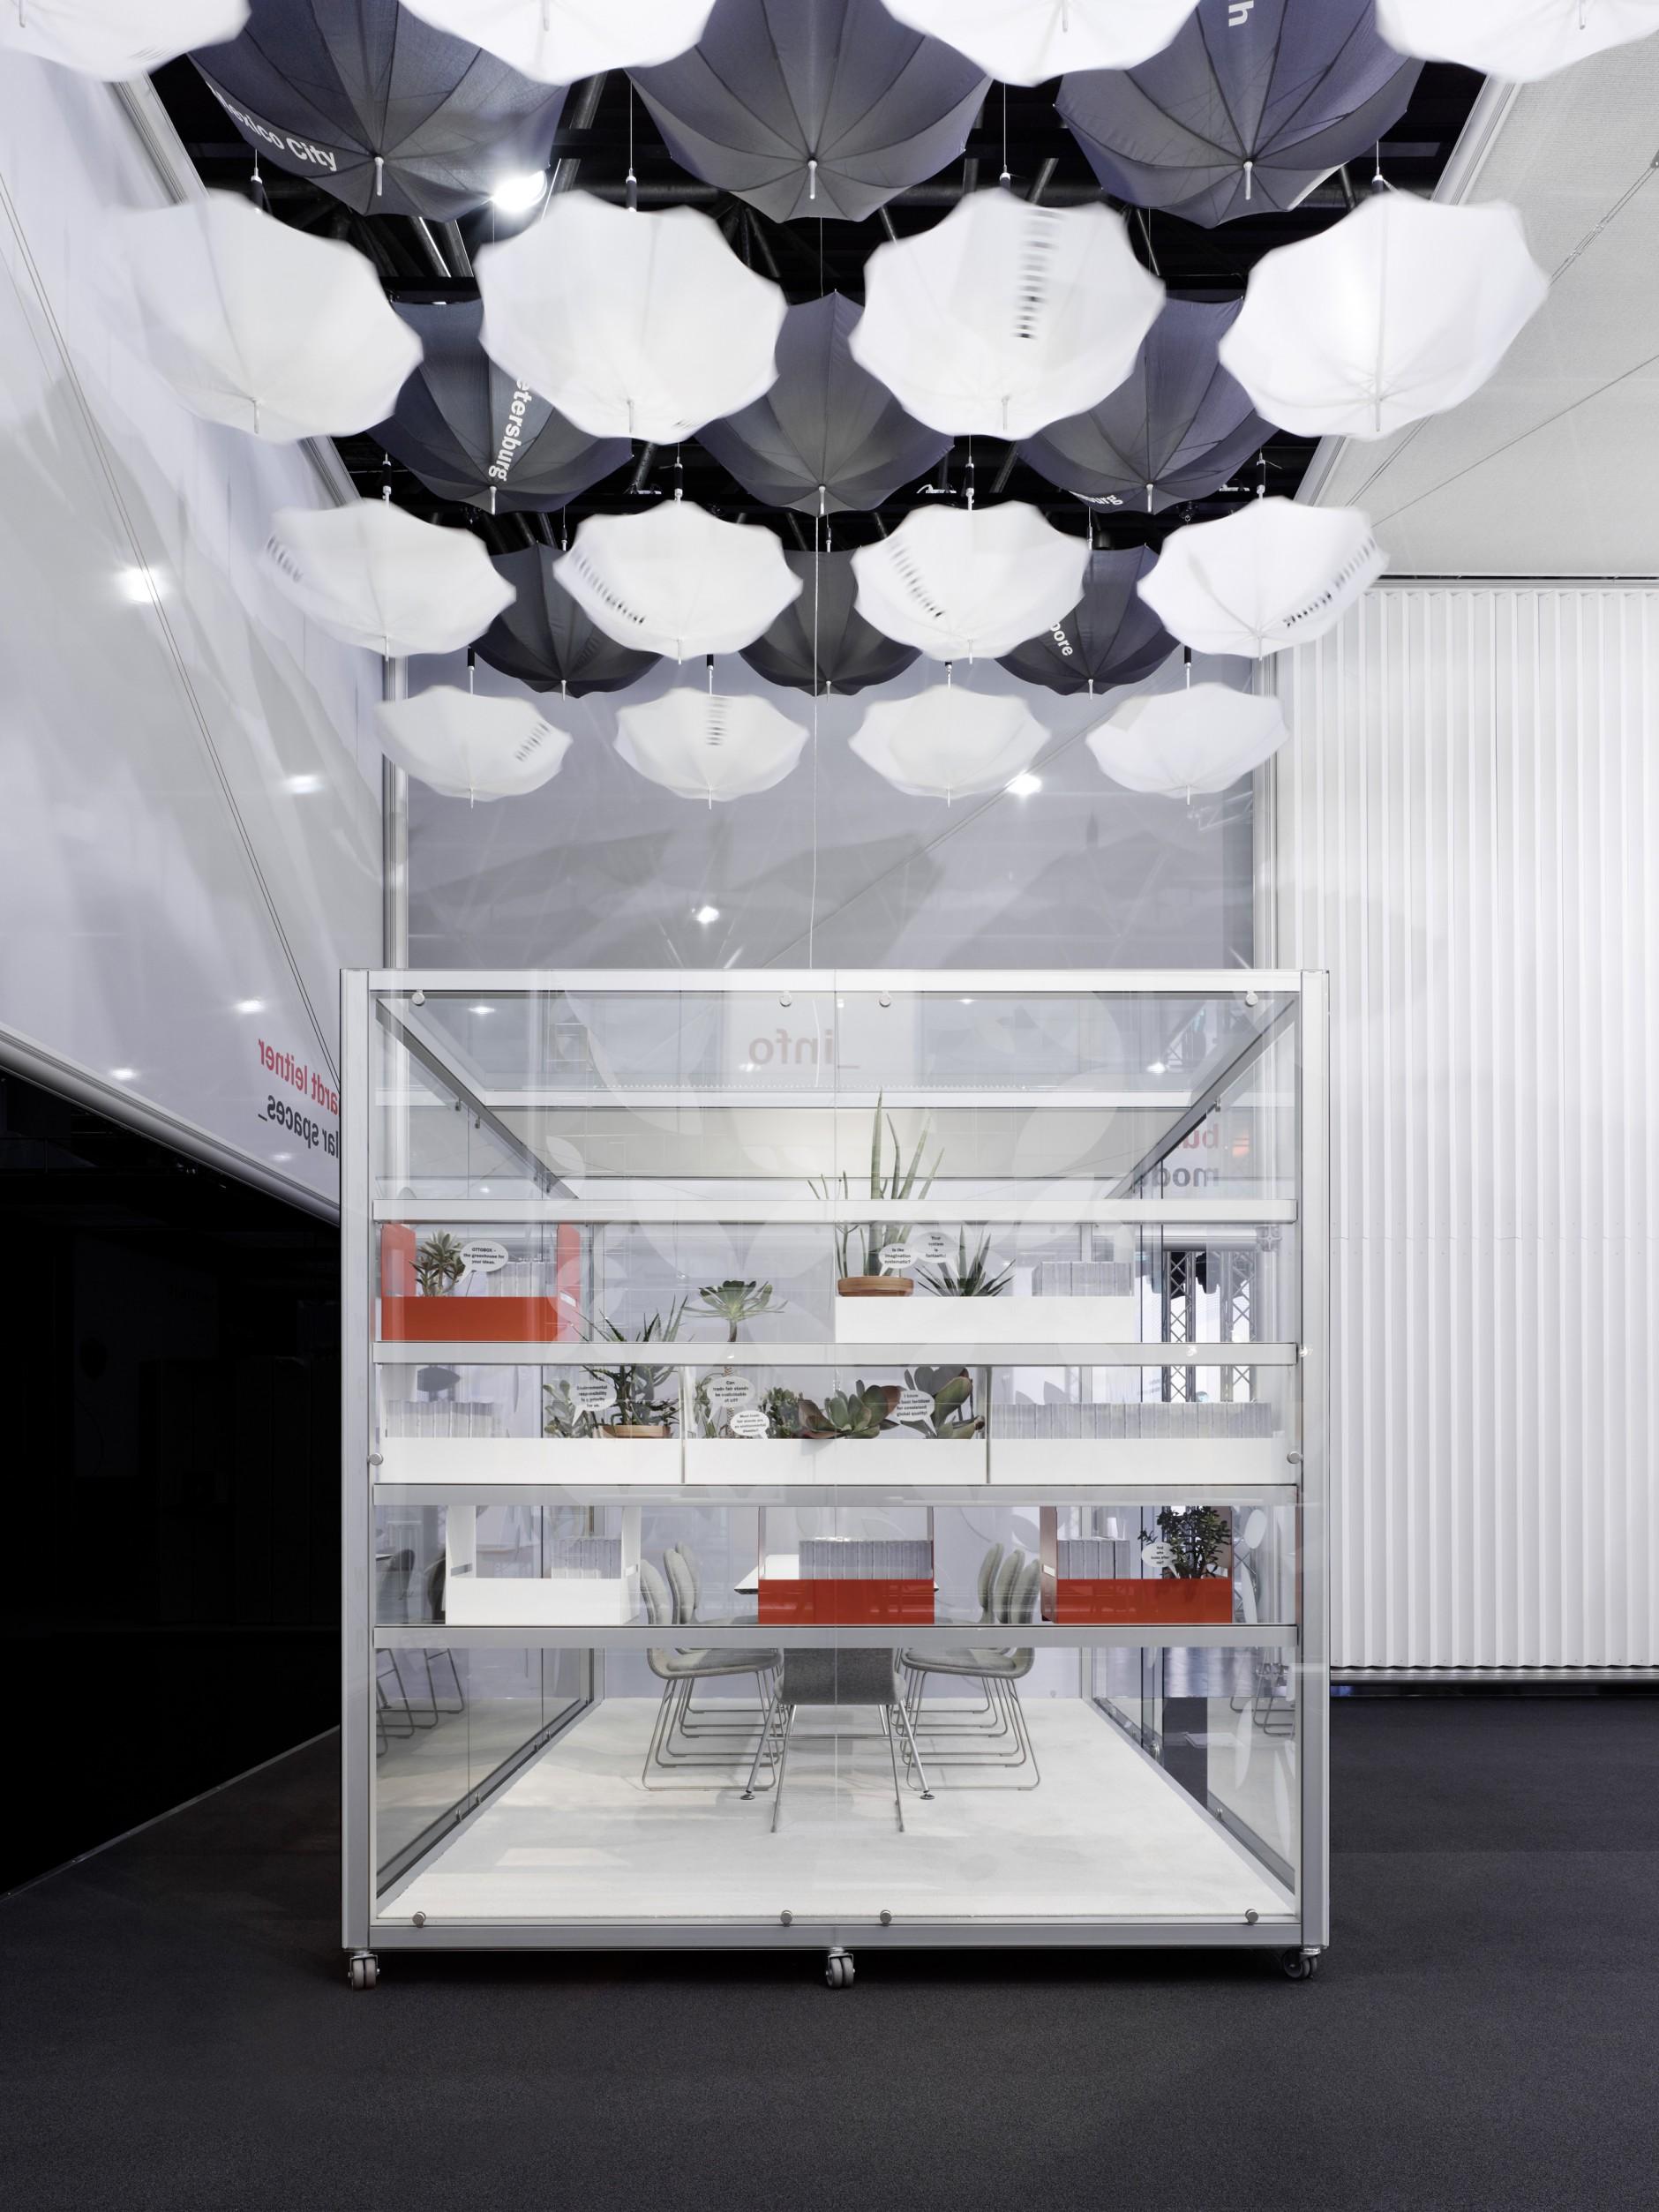 Kategorie Produkt: constructiv ottobox ‐ Meetingbox auf Rollen; Kunde und Einsender: Burkhardt Leitner constructiv GmbH & Co. KG